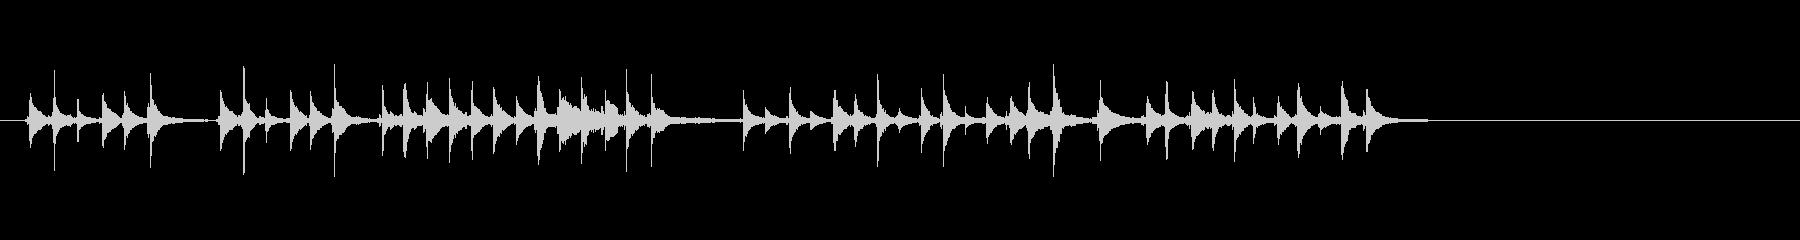 三味線47娘道成寺26日本式レビューショの未再生の波形